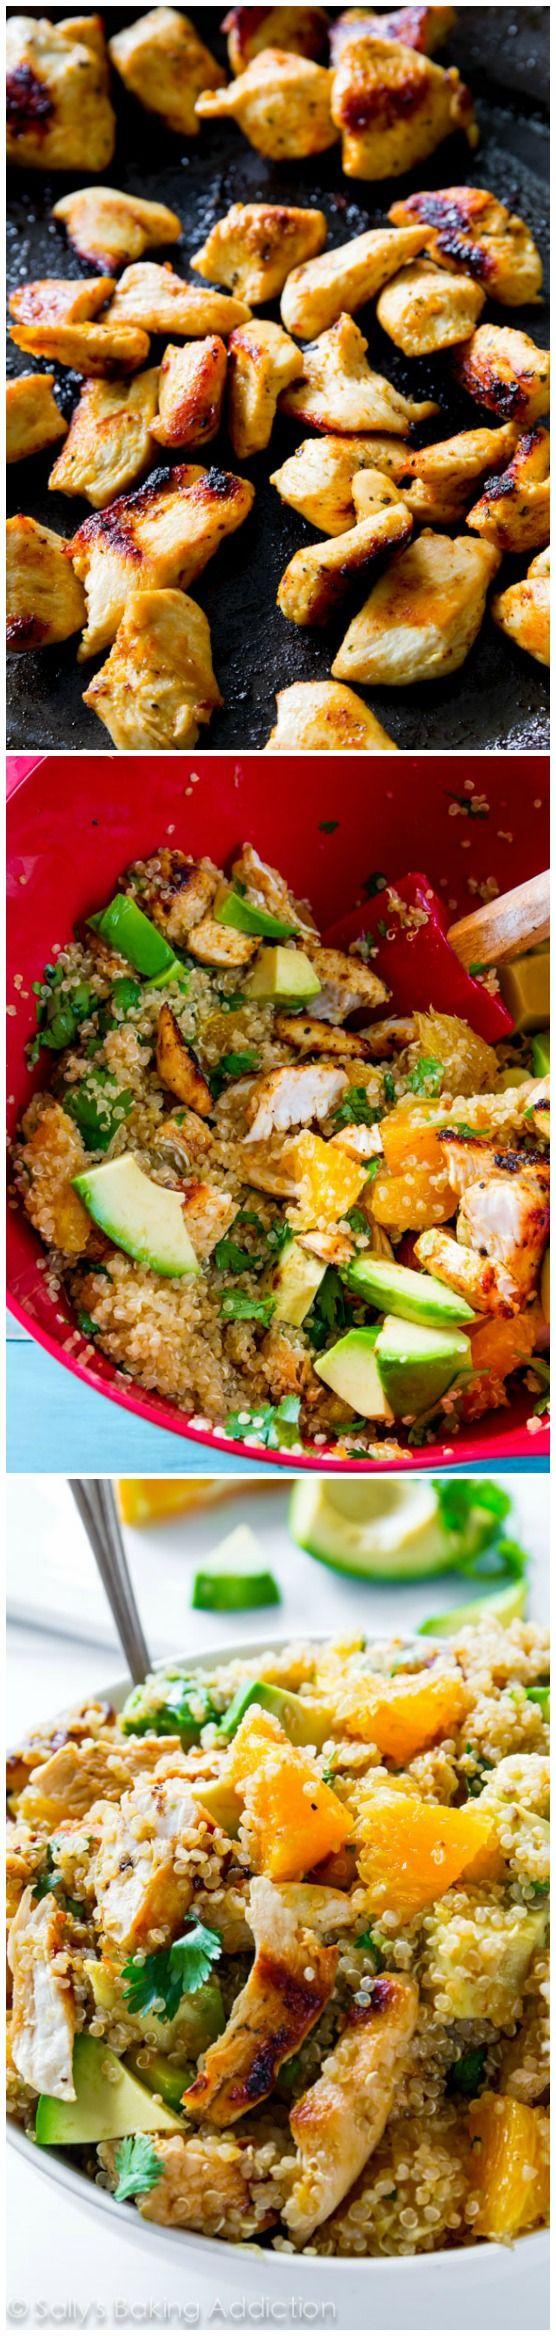 Citrus Chicken Quinoa Salad.